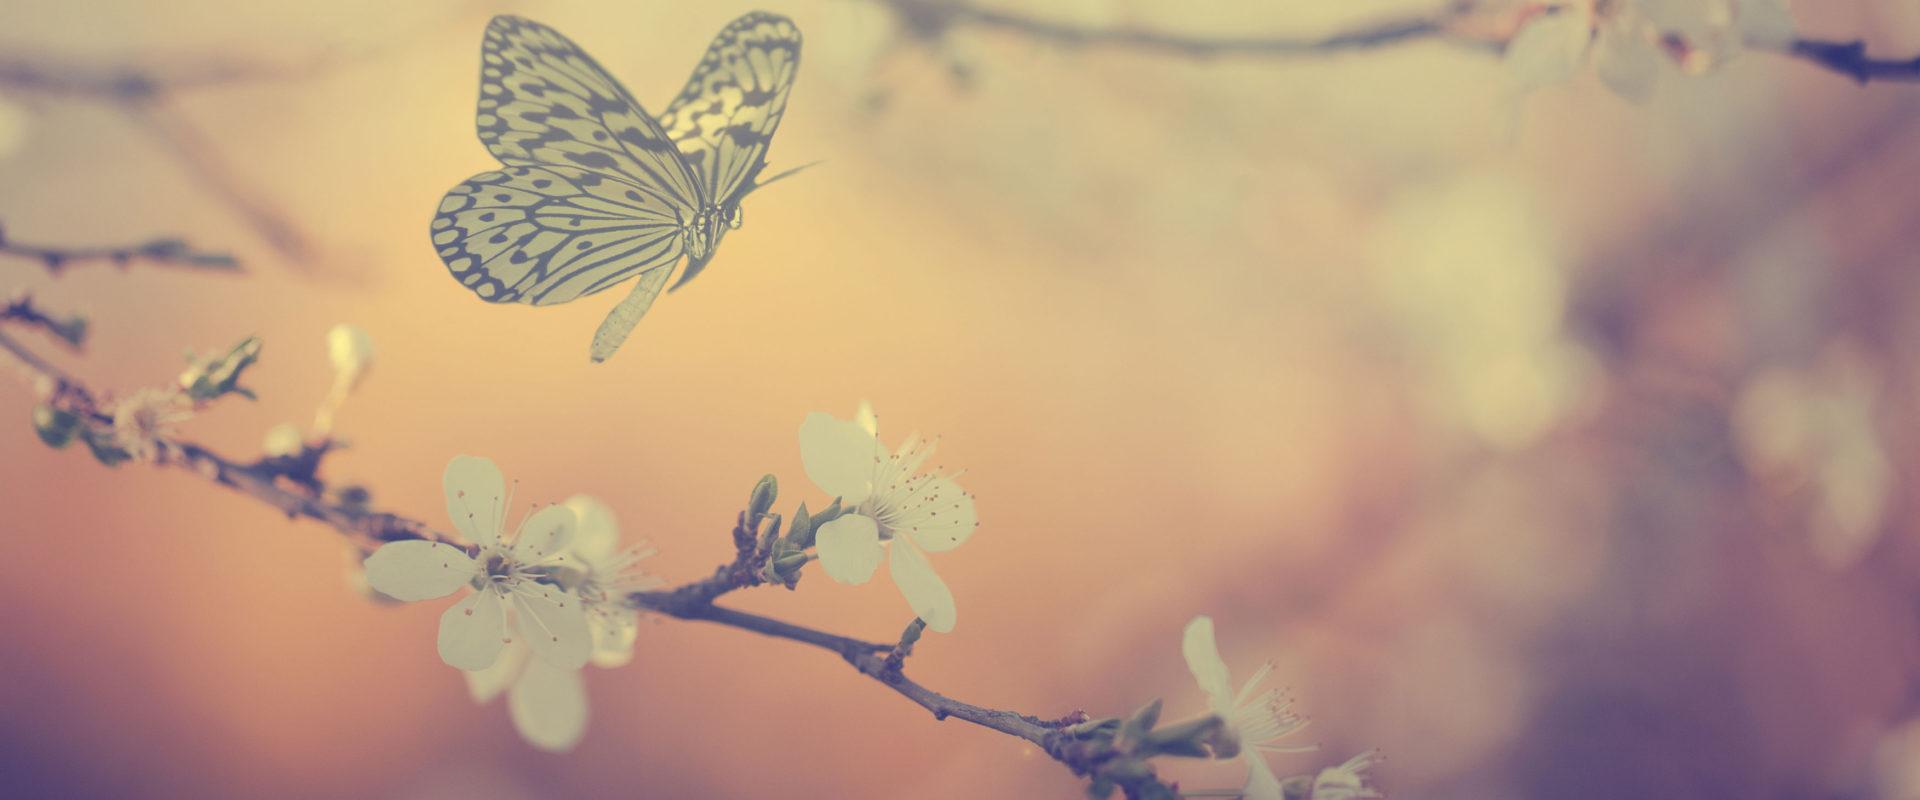 Background-Image-WEB